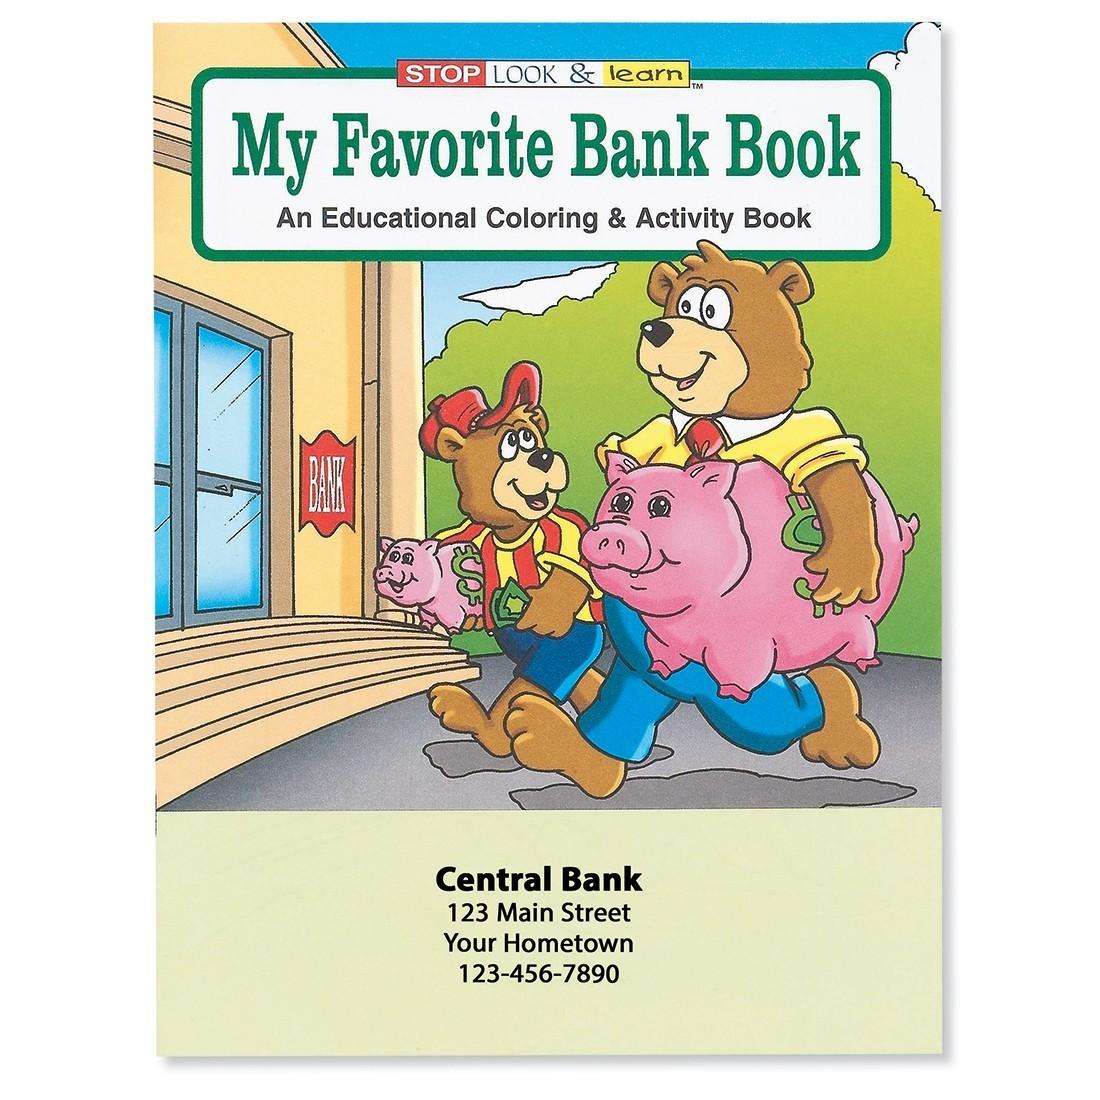 Custom Favorite Bank Coloring Book [image]